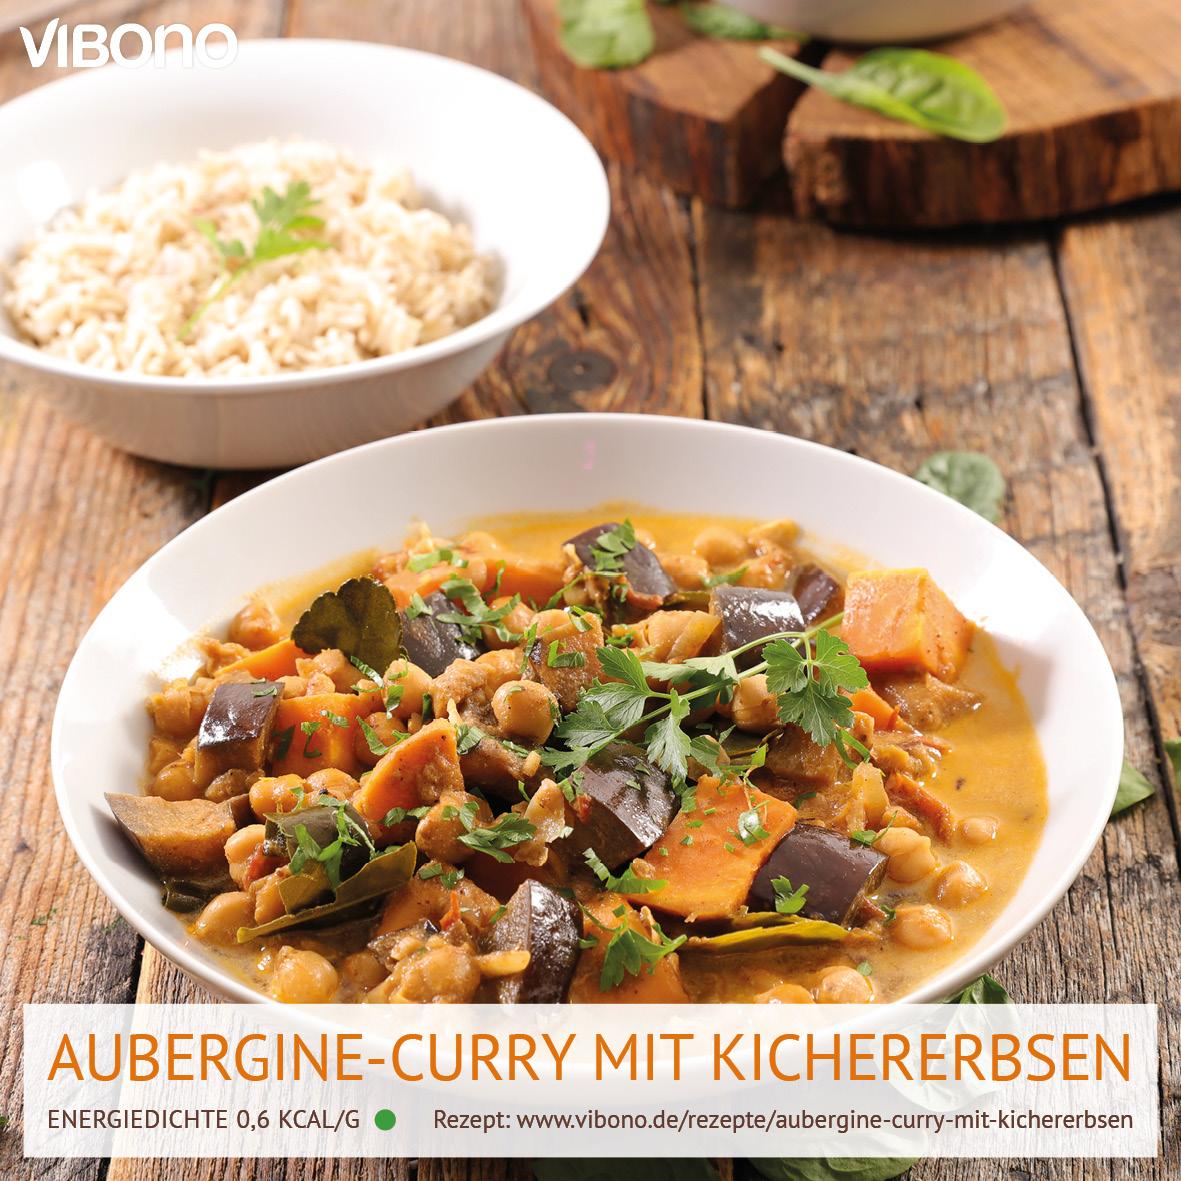 Aubergine-Curry mit Kichererbsen